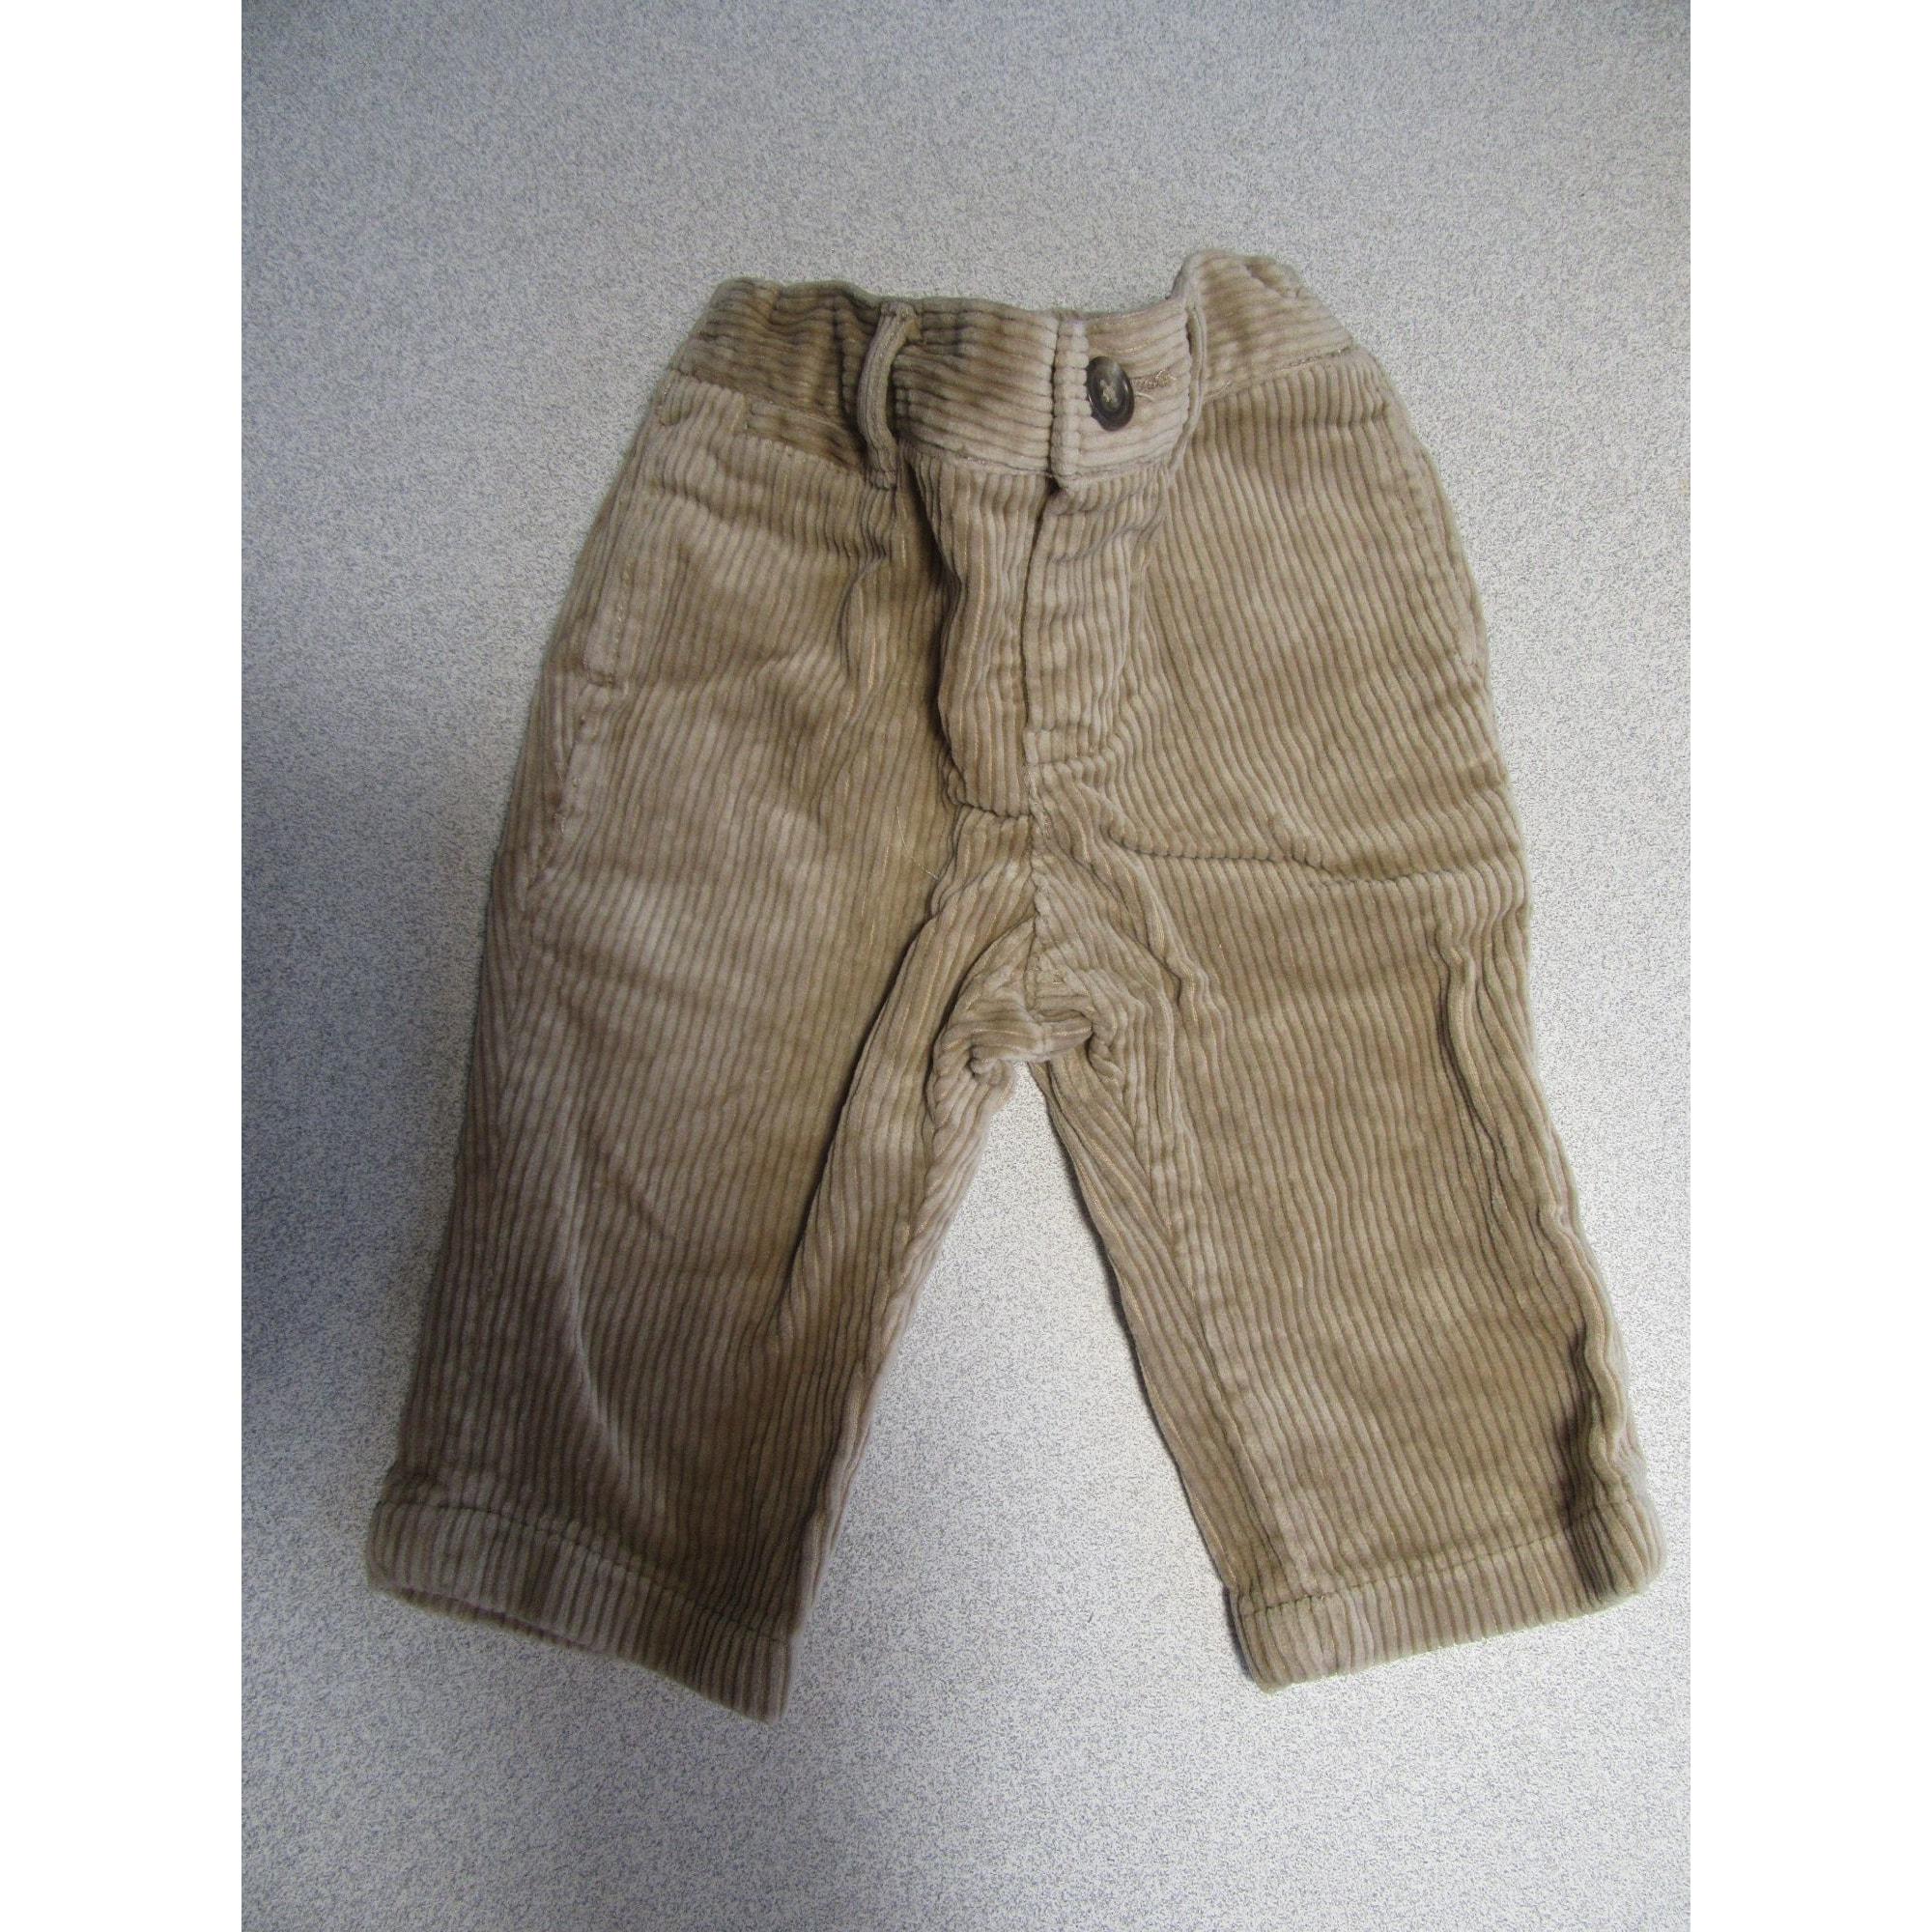 Pantalon RALPH LAUREN Beige, camel